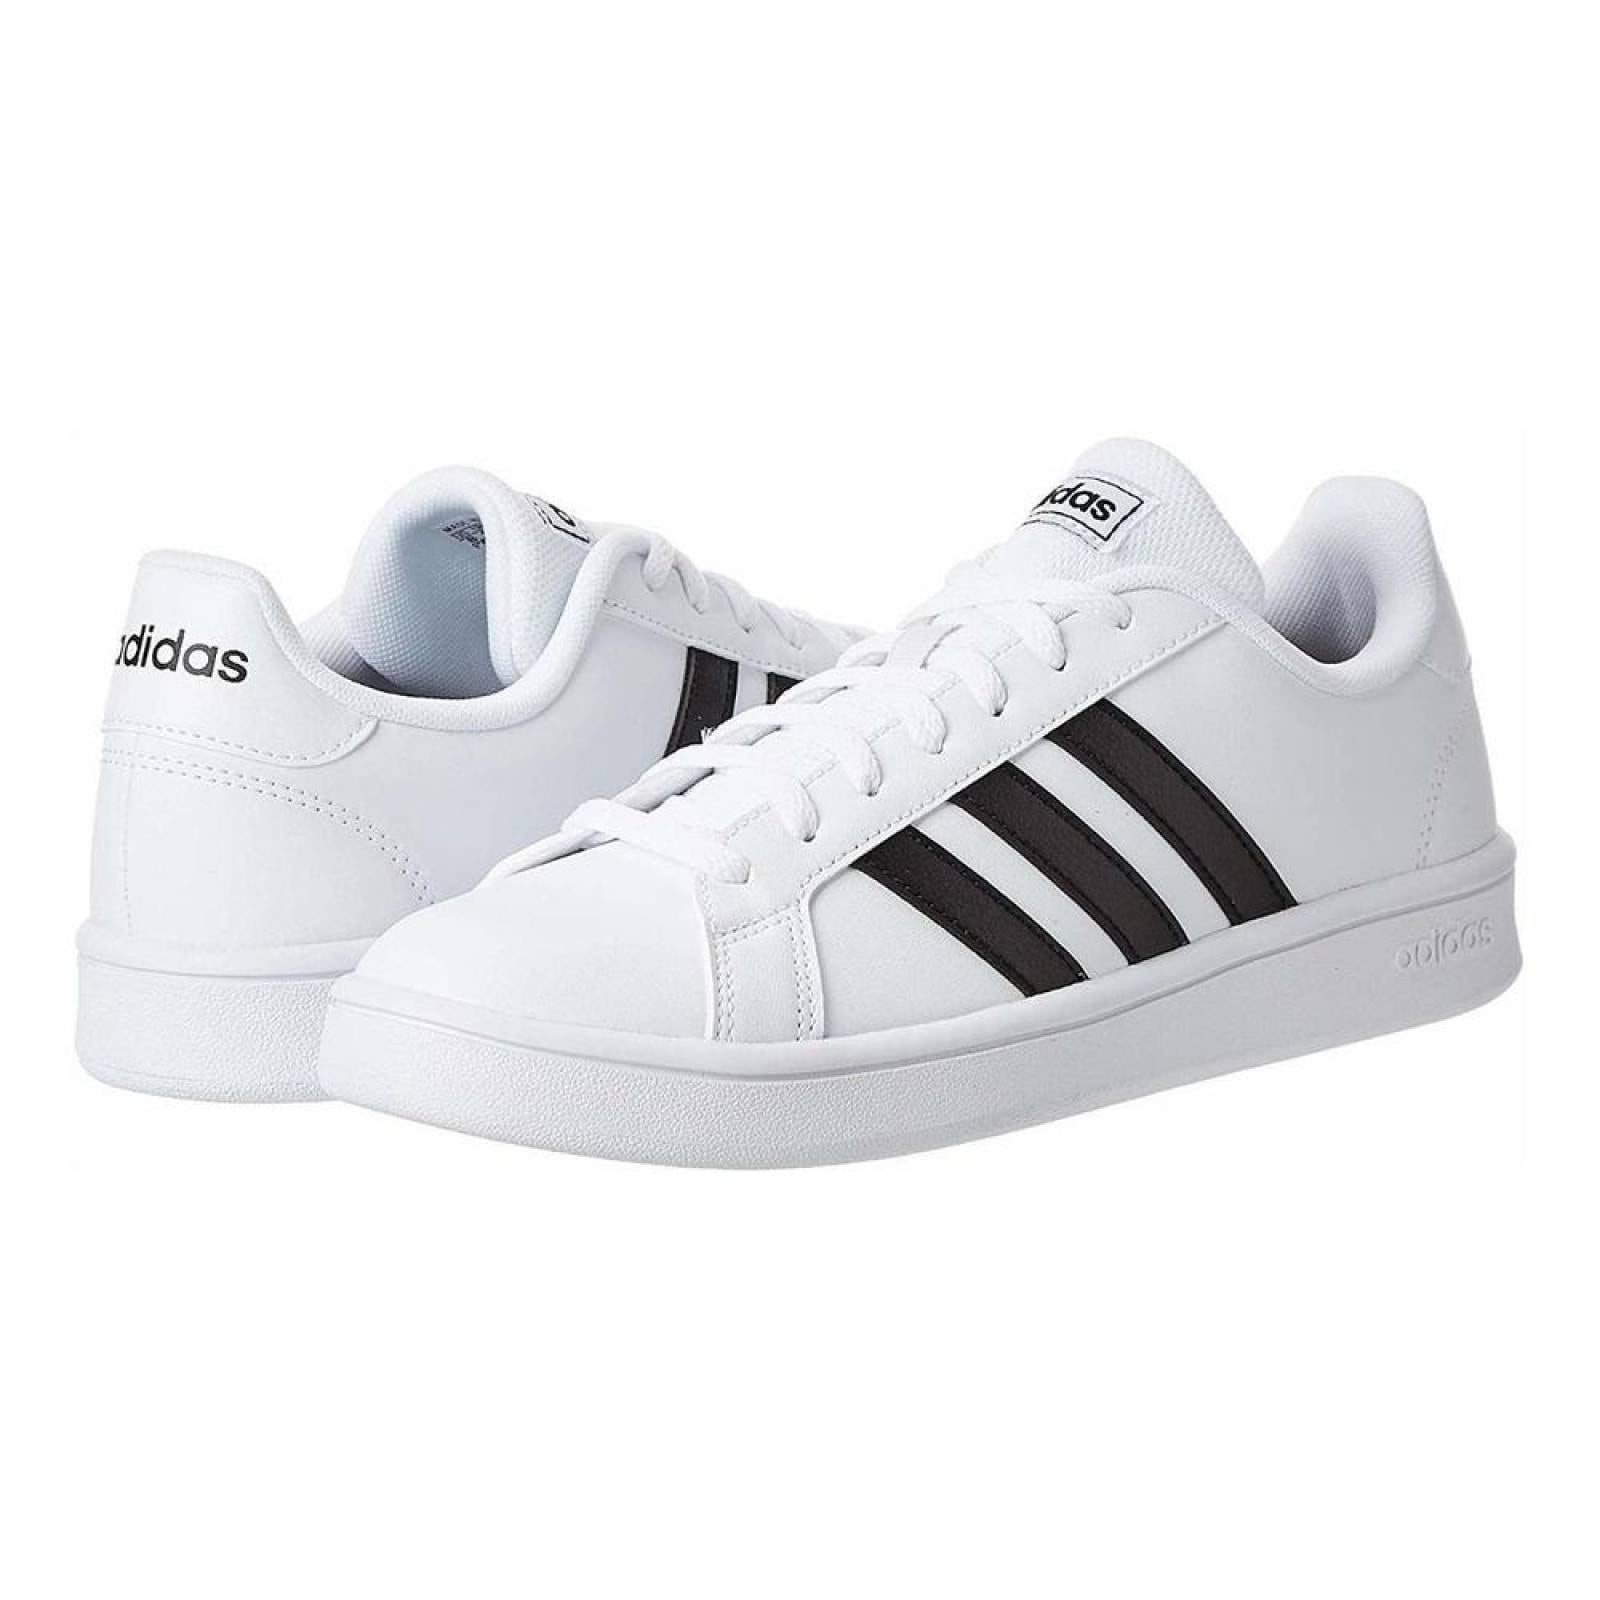 silueta Flexible lanza  tenis adidas blancos con lineas negras - Tienda Online de Zapatos, Ropa y  Complementos de marca